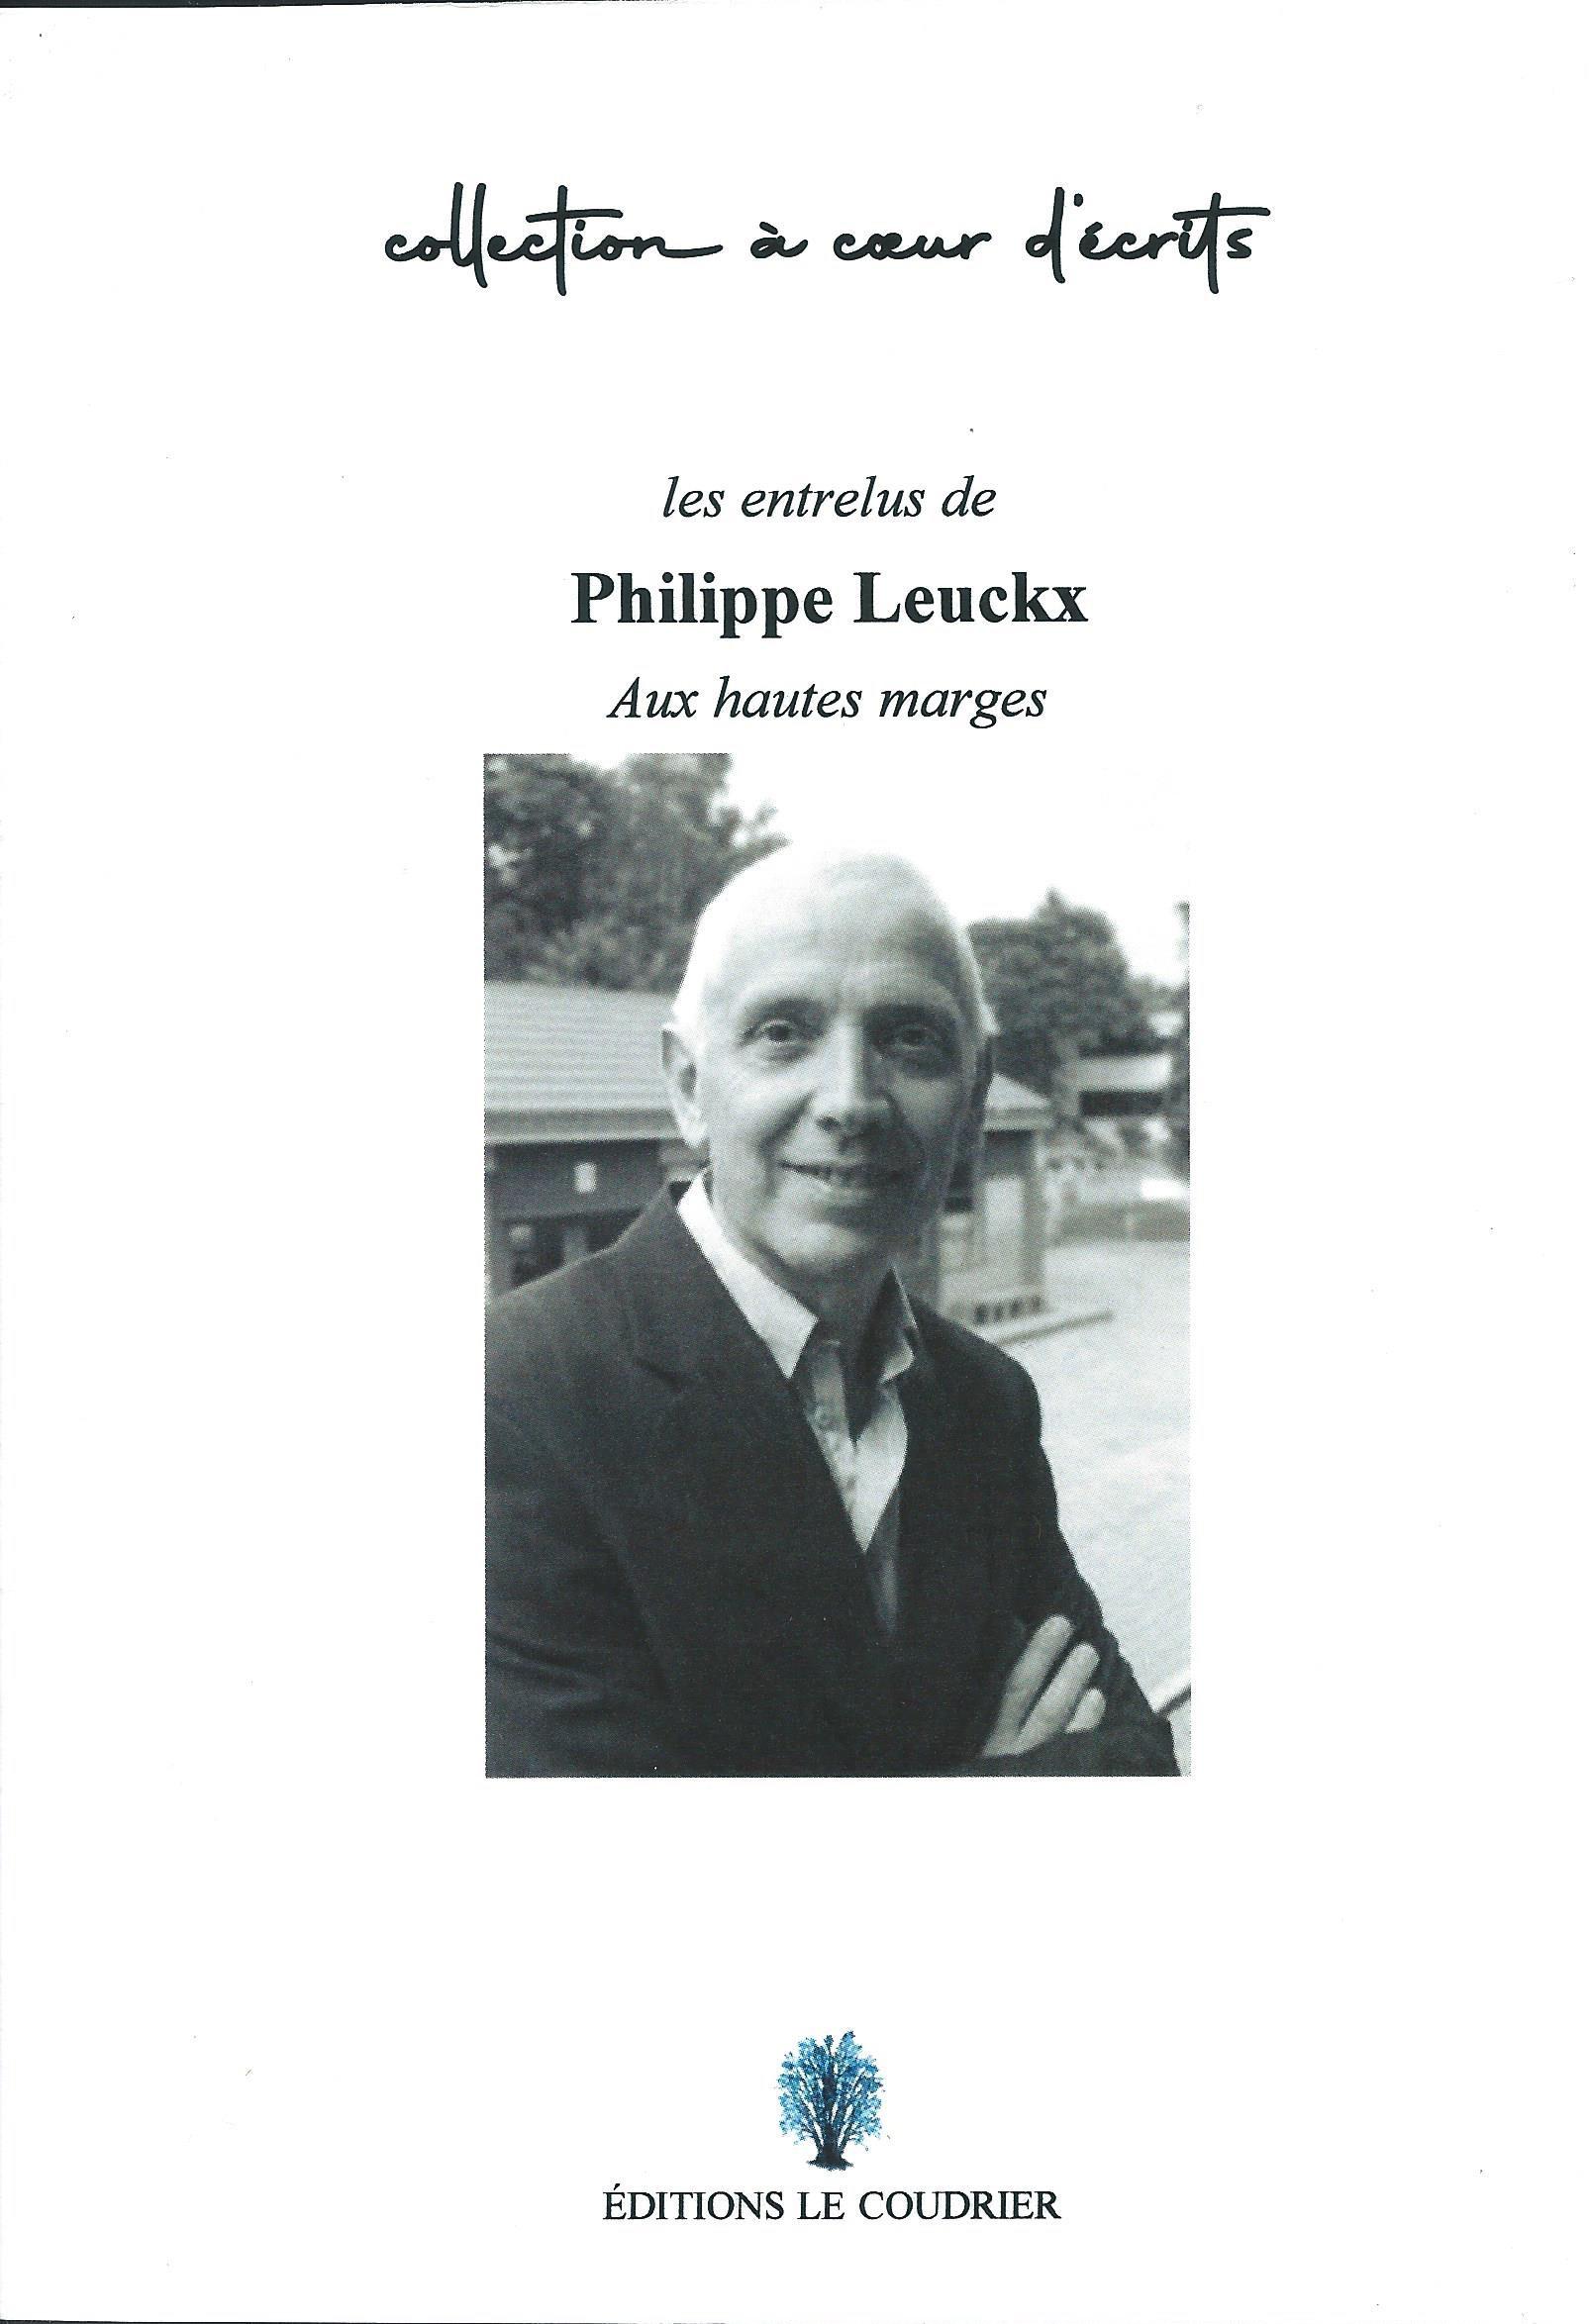 PHILIPPE LEUCKX - Les entrelus: aux hautes marges